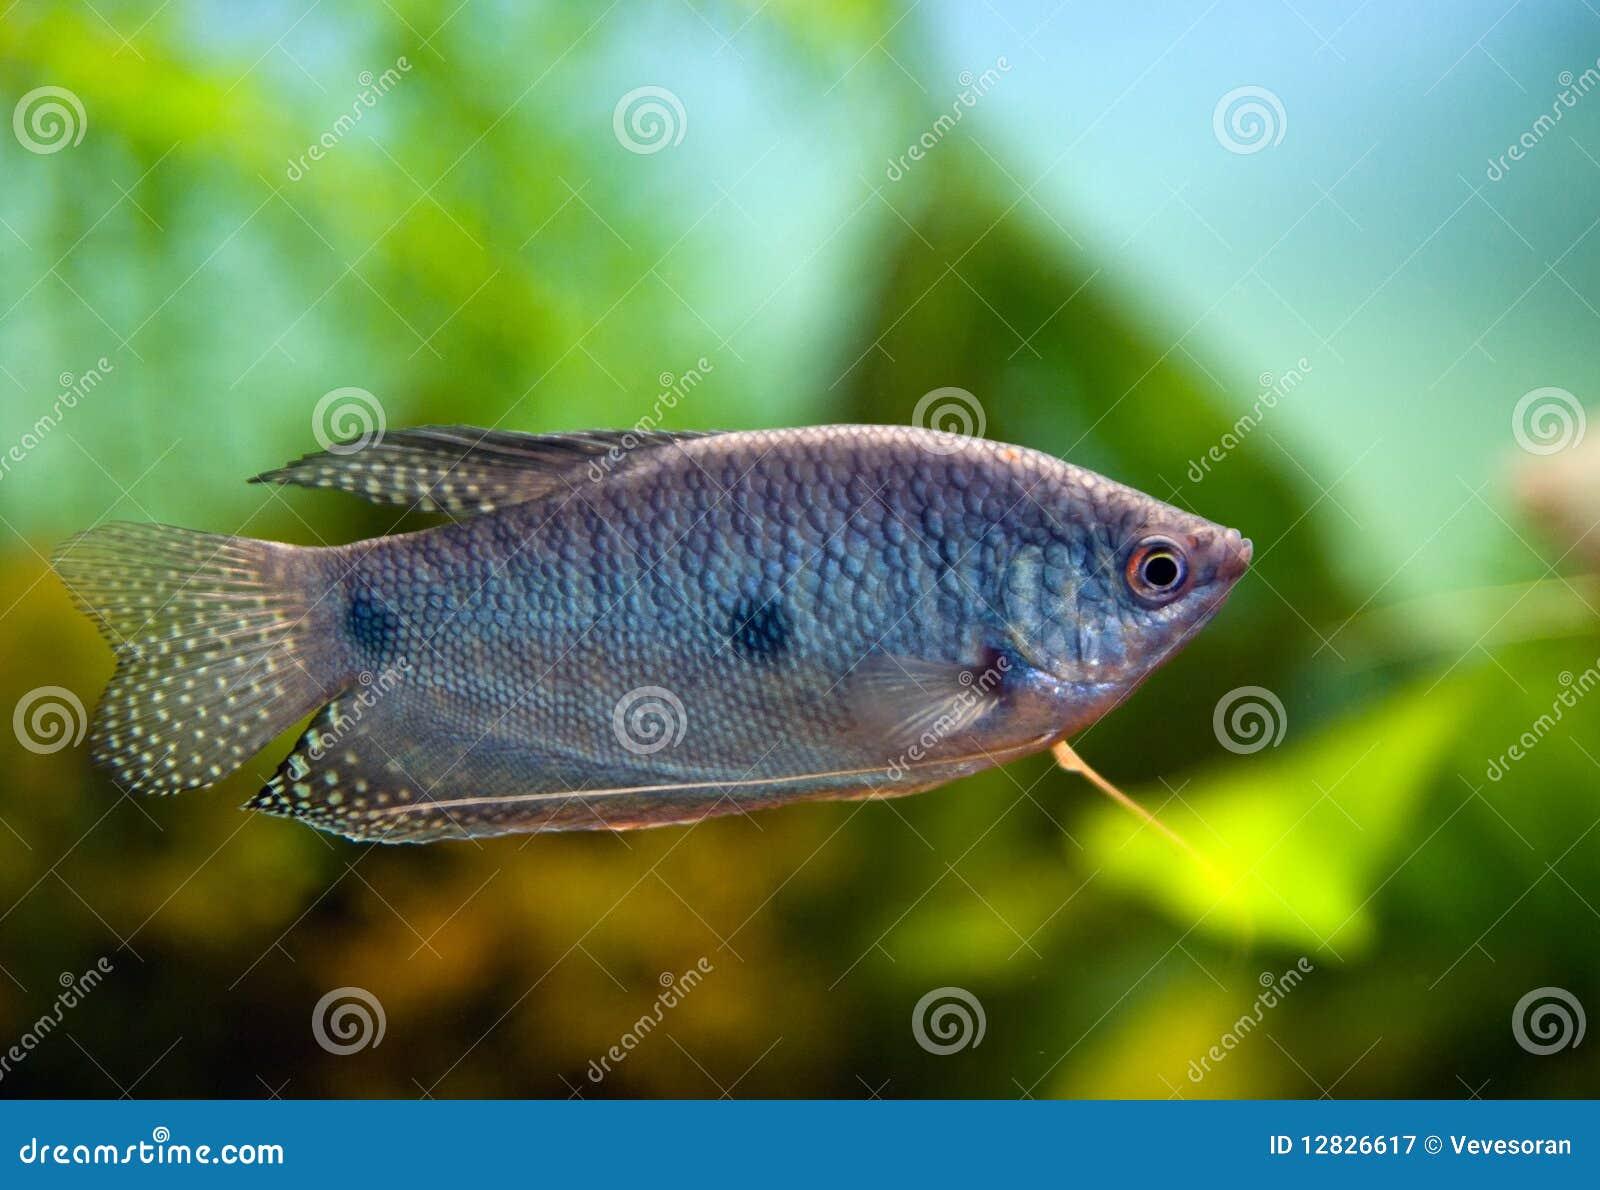 Aquarium fish blue gourami royalty free stock for Blue fish aquarium